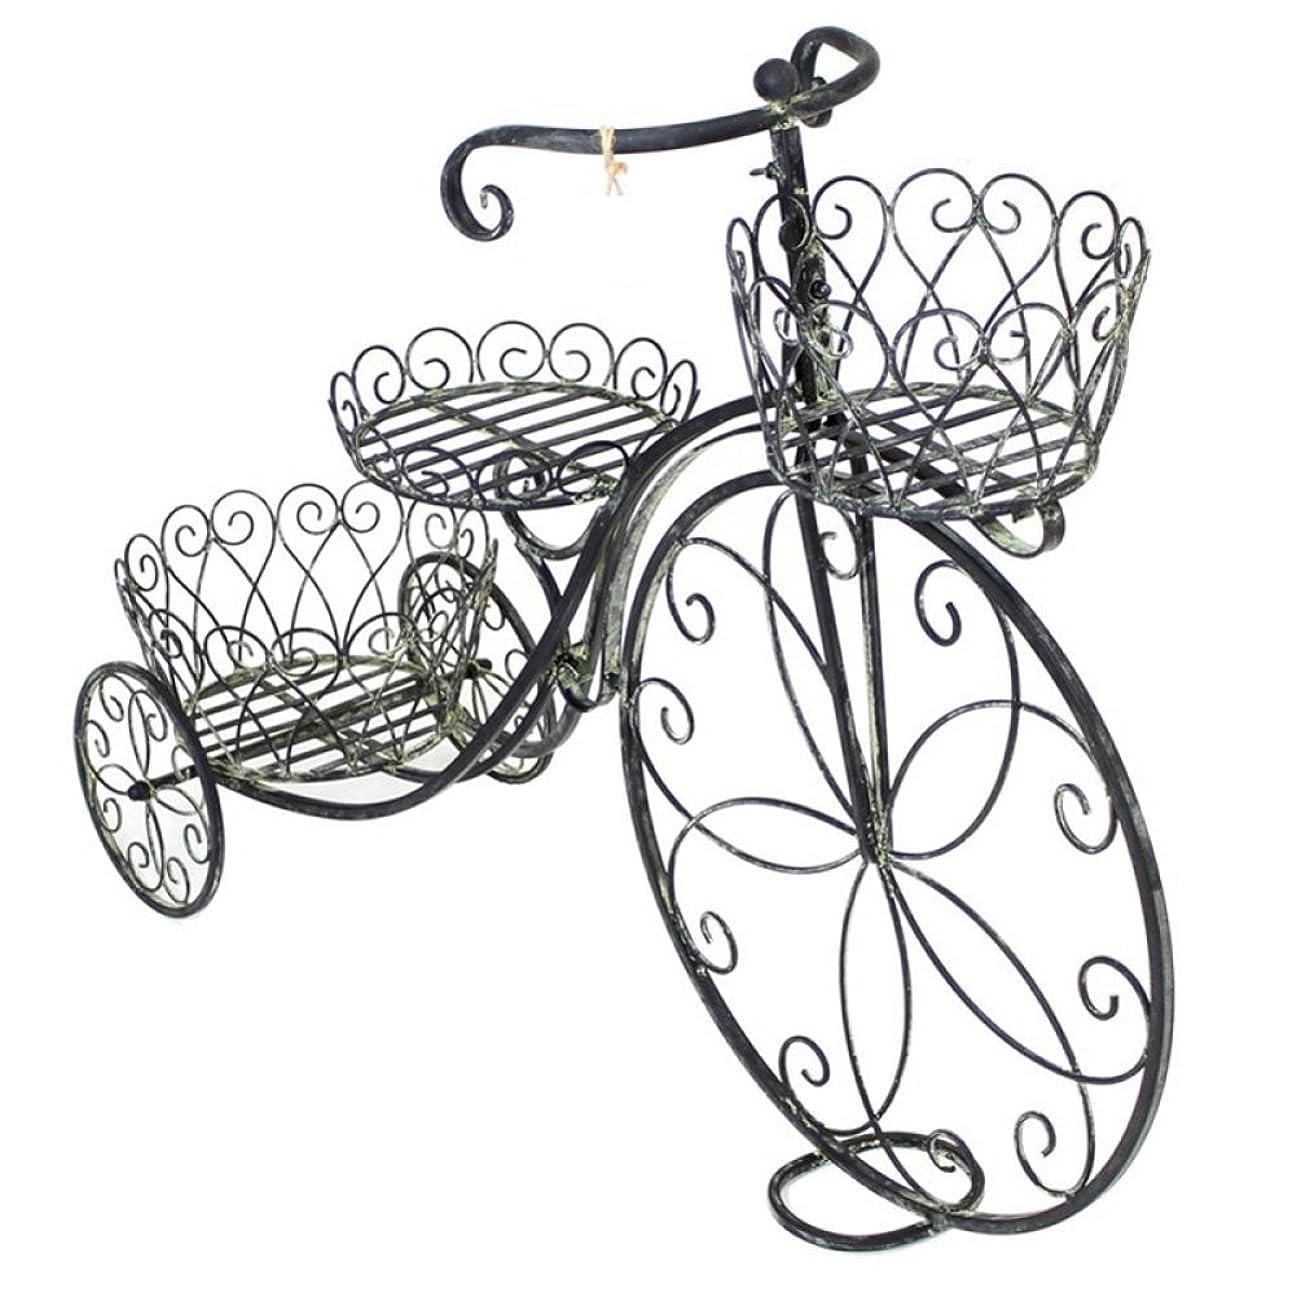 電話誰が厳LWT レトロフラワースタンドヨーロッパスタイルの自転車フロアタイプフラワーポットラックバルコニーリビングルームディスプレイラック(ブラック、38.6 * 11.8 * 28.3インチ)